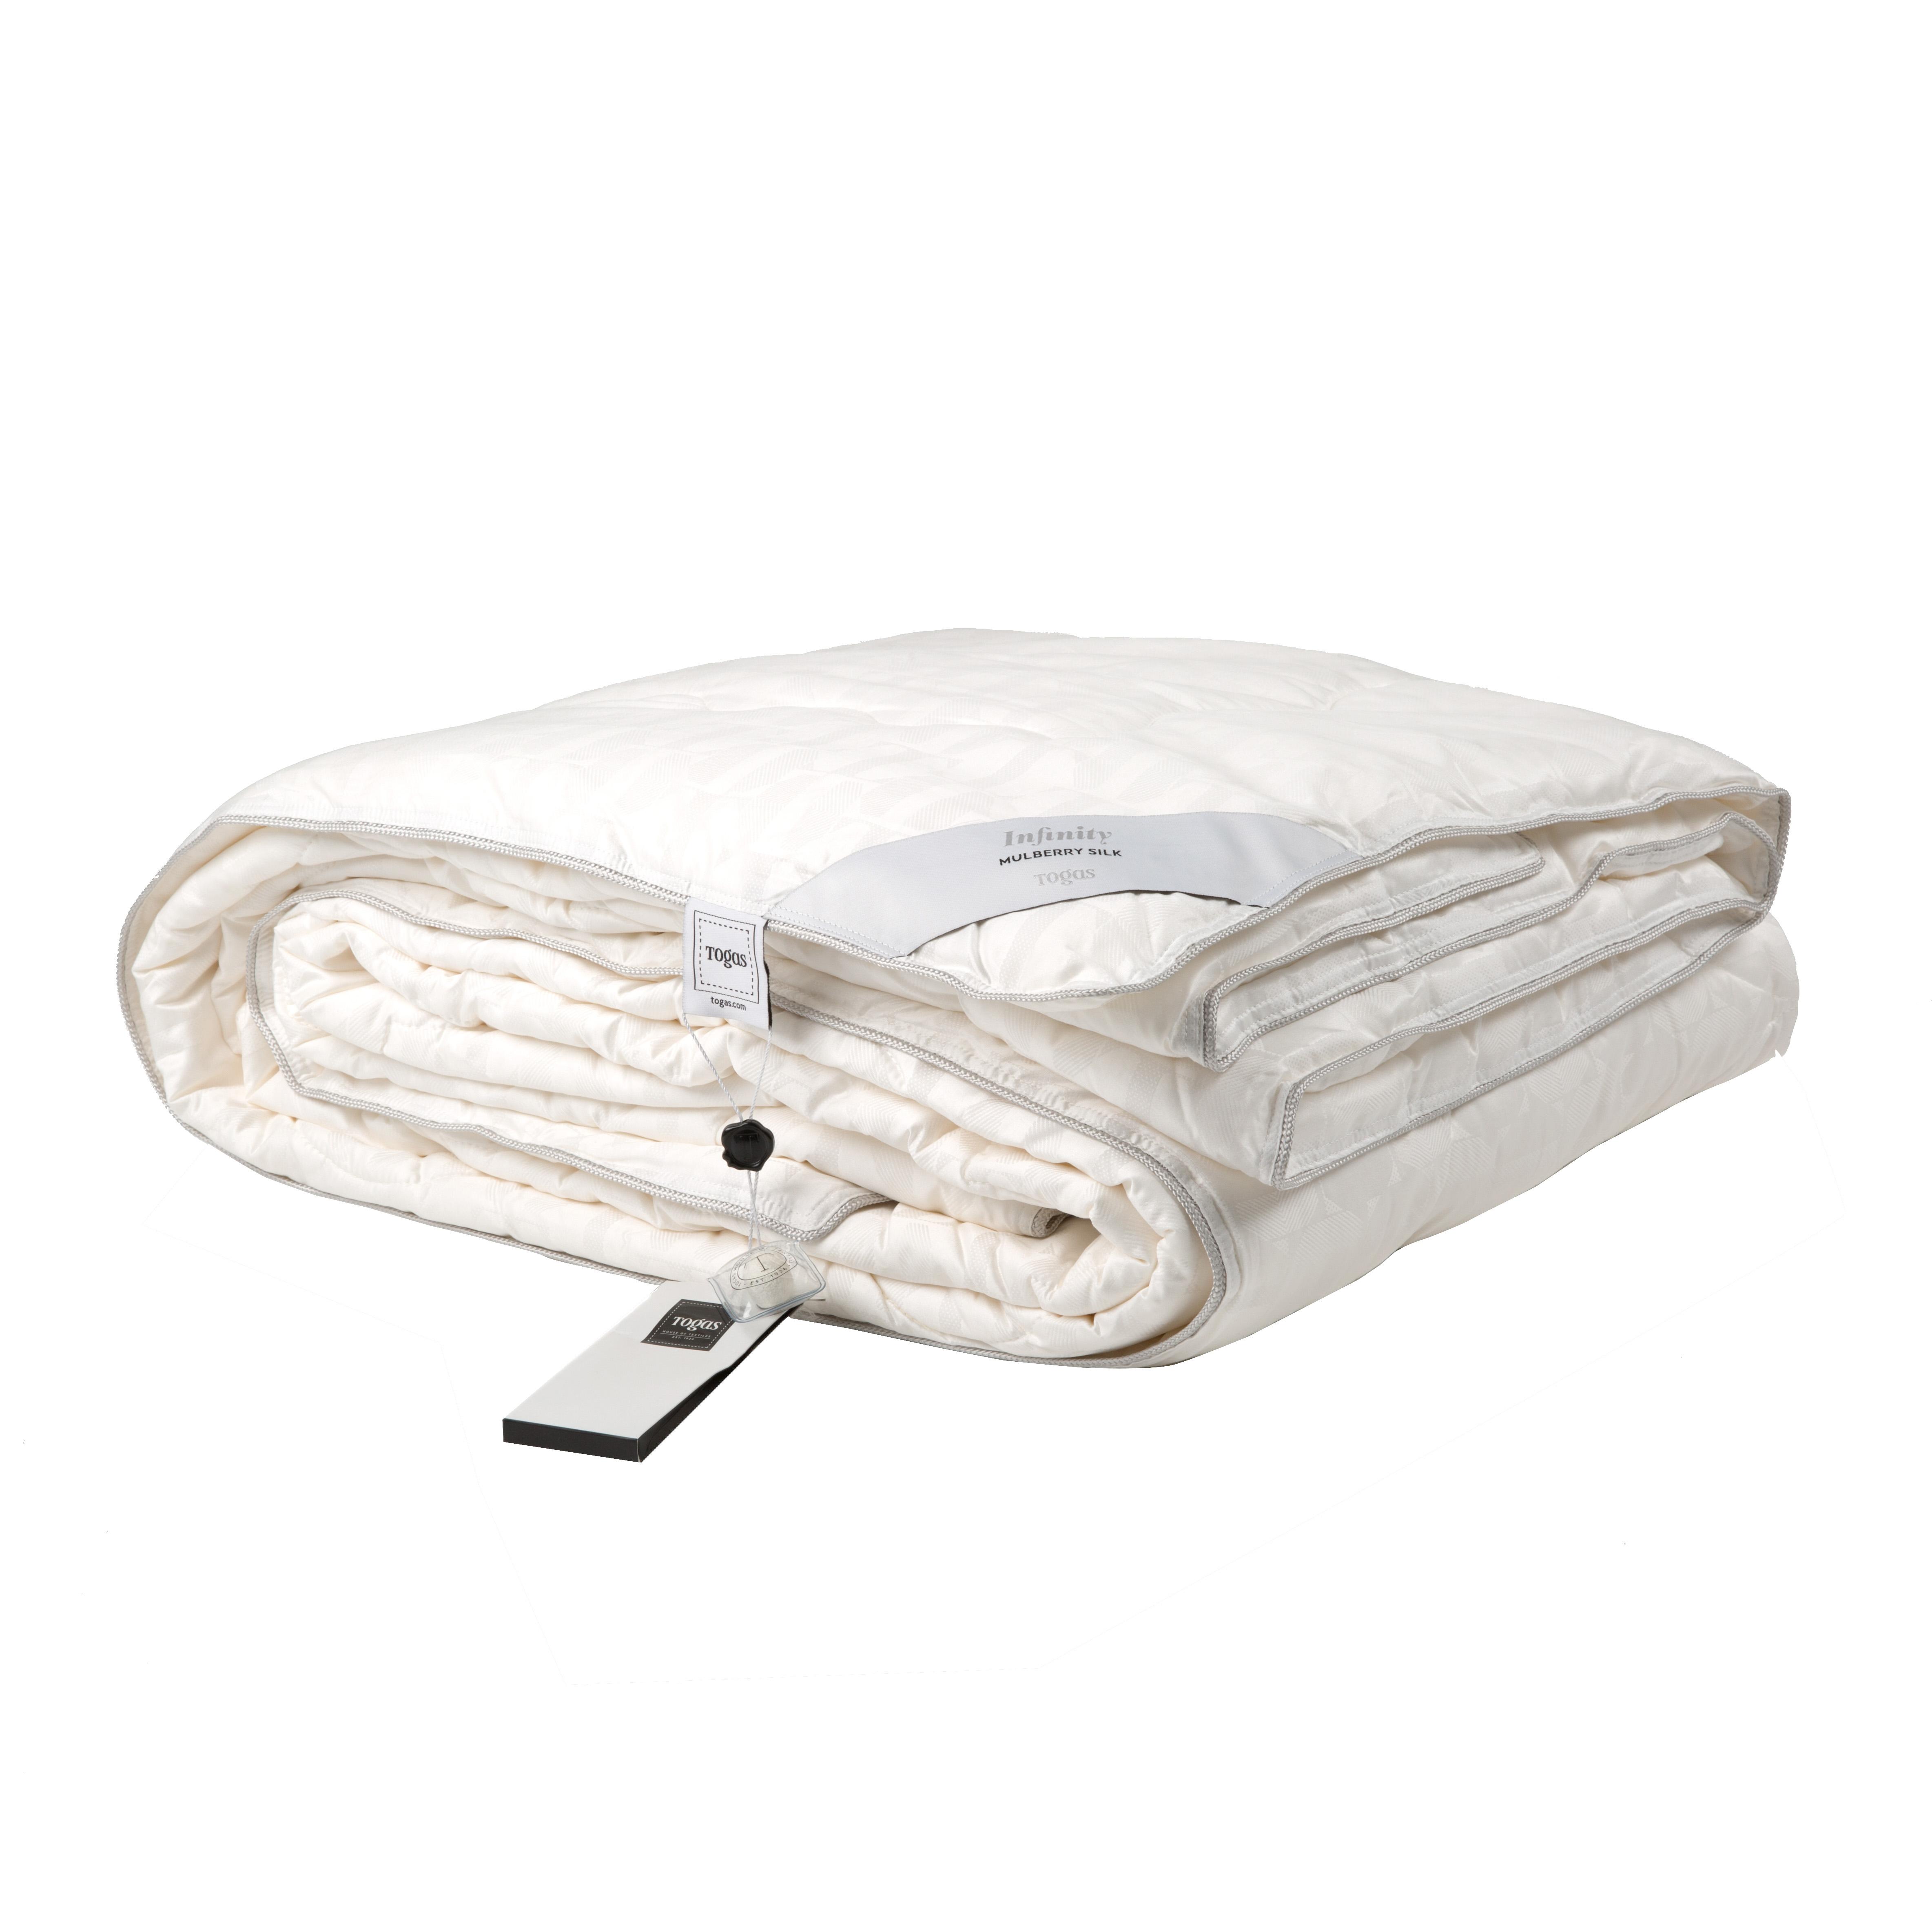 Купить Одеяла Togas, Одеяло Инфинити (200х210 см), Греция, Белый, Шелковый жаккард